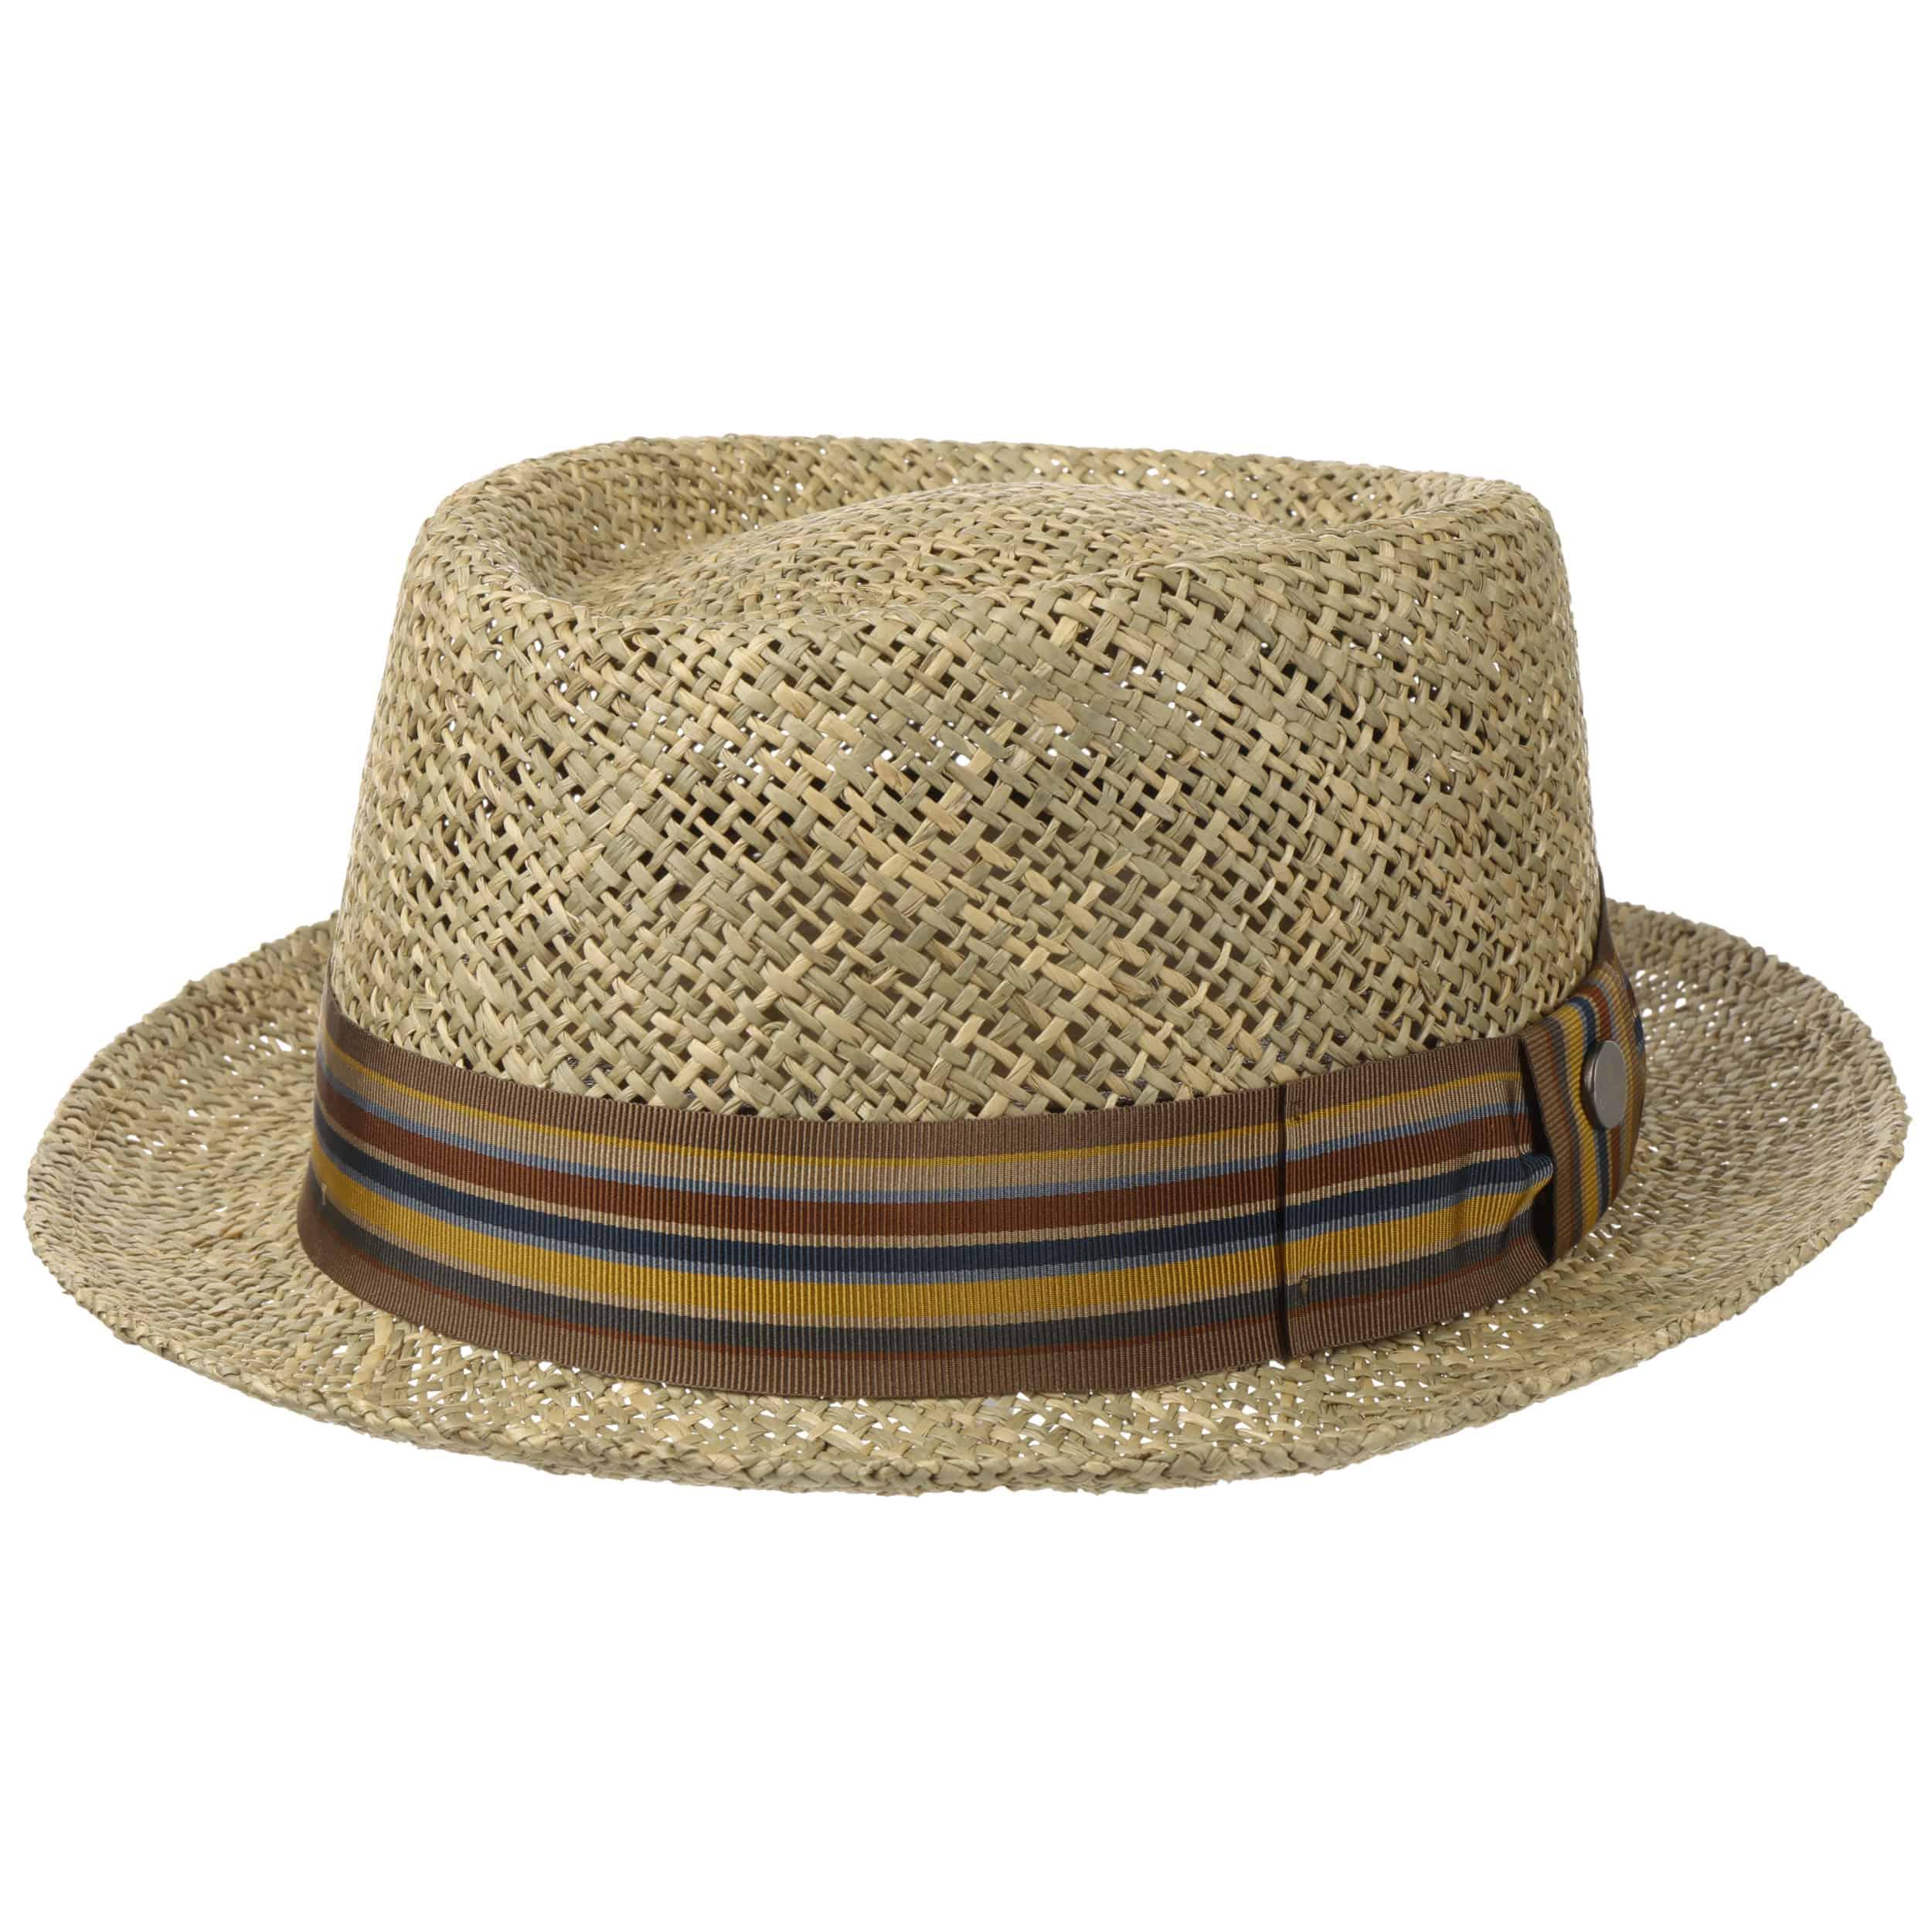 ... Cappello di Paglia Montappo Pork Pie by Lierys - natura-marrone 4 ... 0435de562116